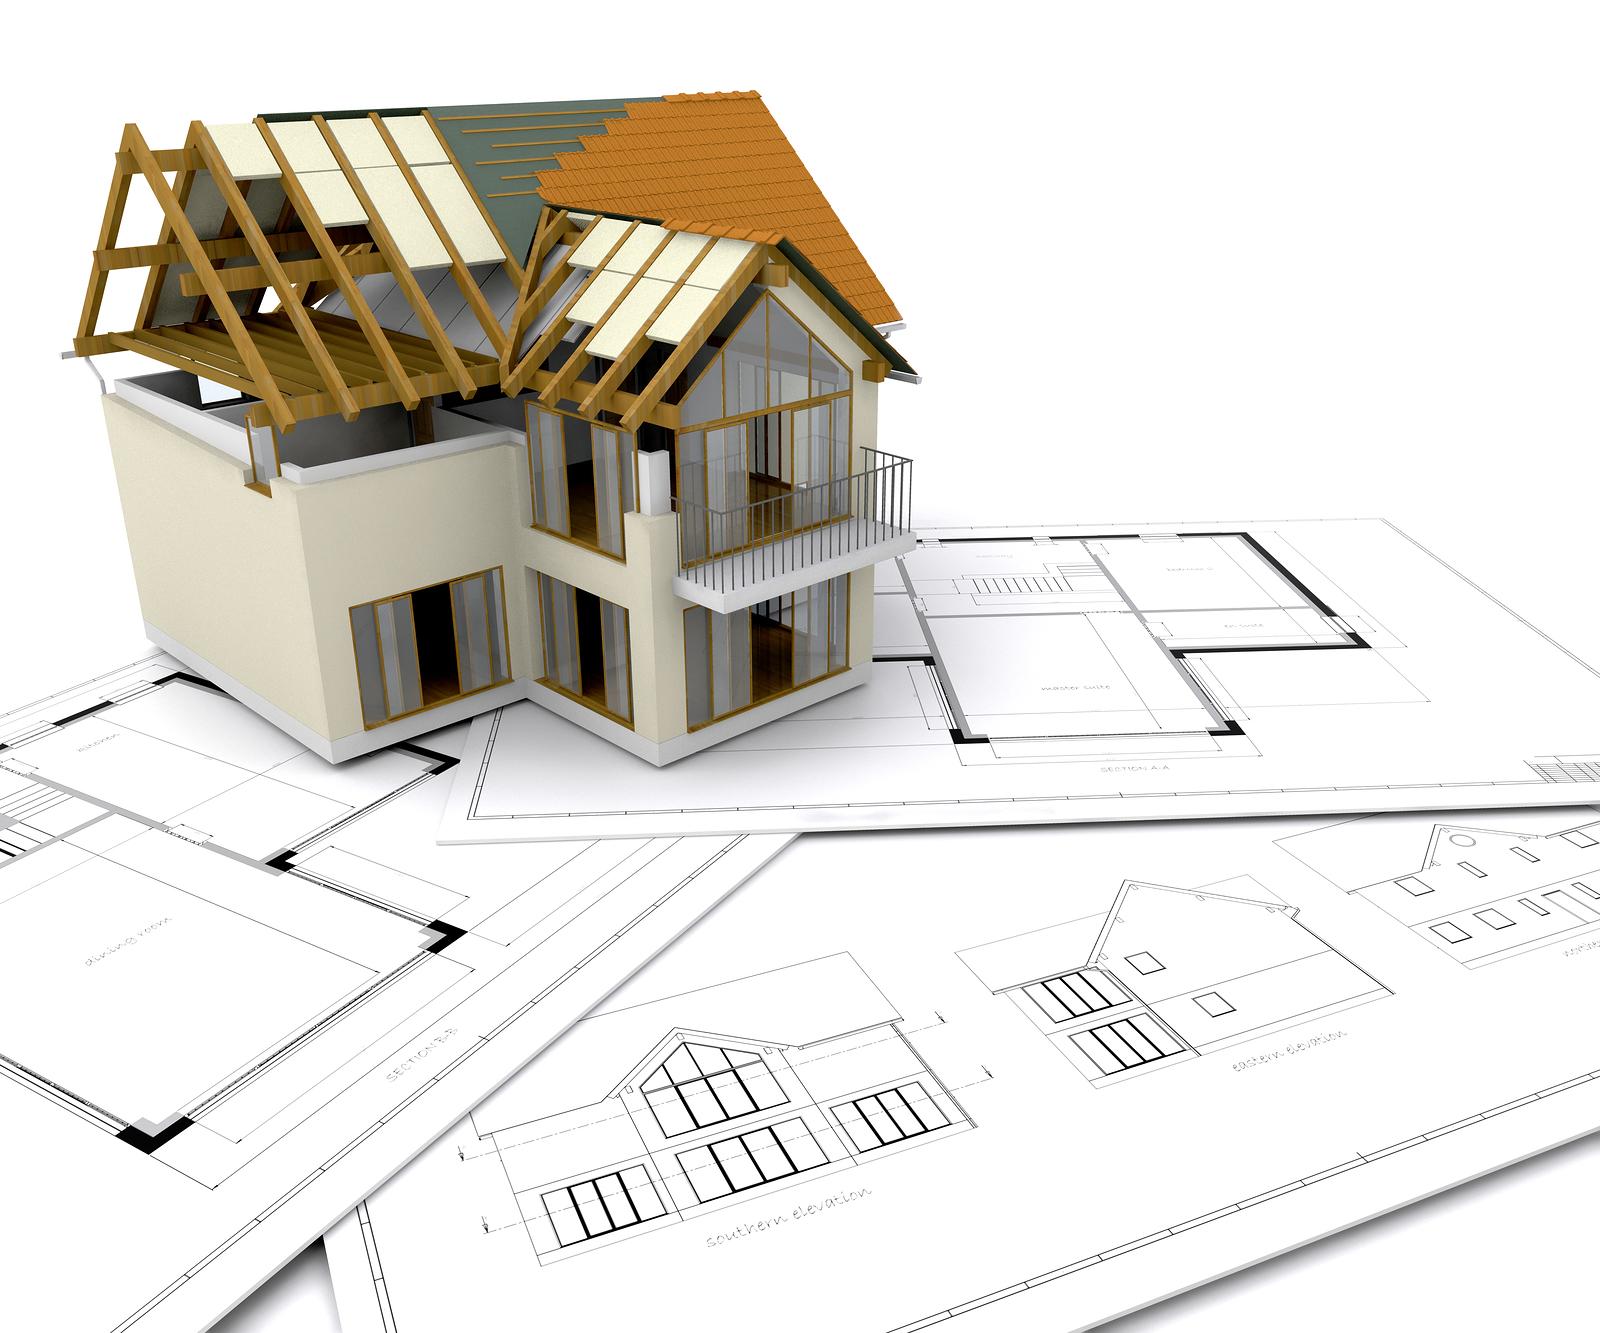 Ccmi constructeur concepteur de maisons individuelles for Constructeur de maison individuelle drome